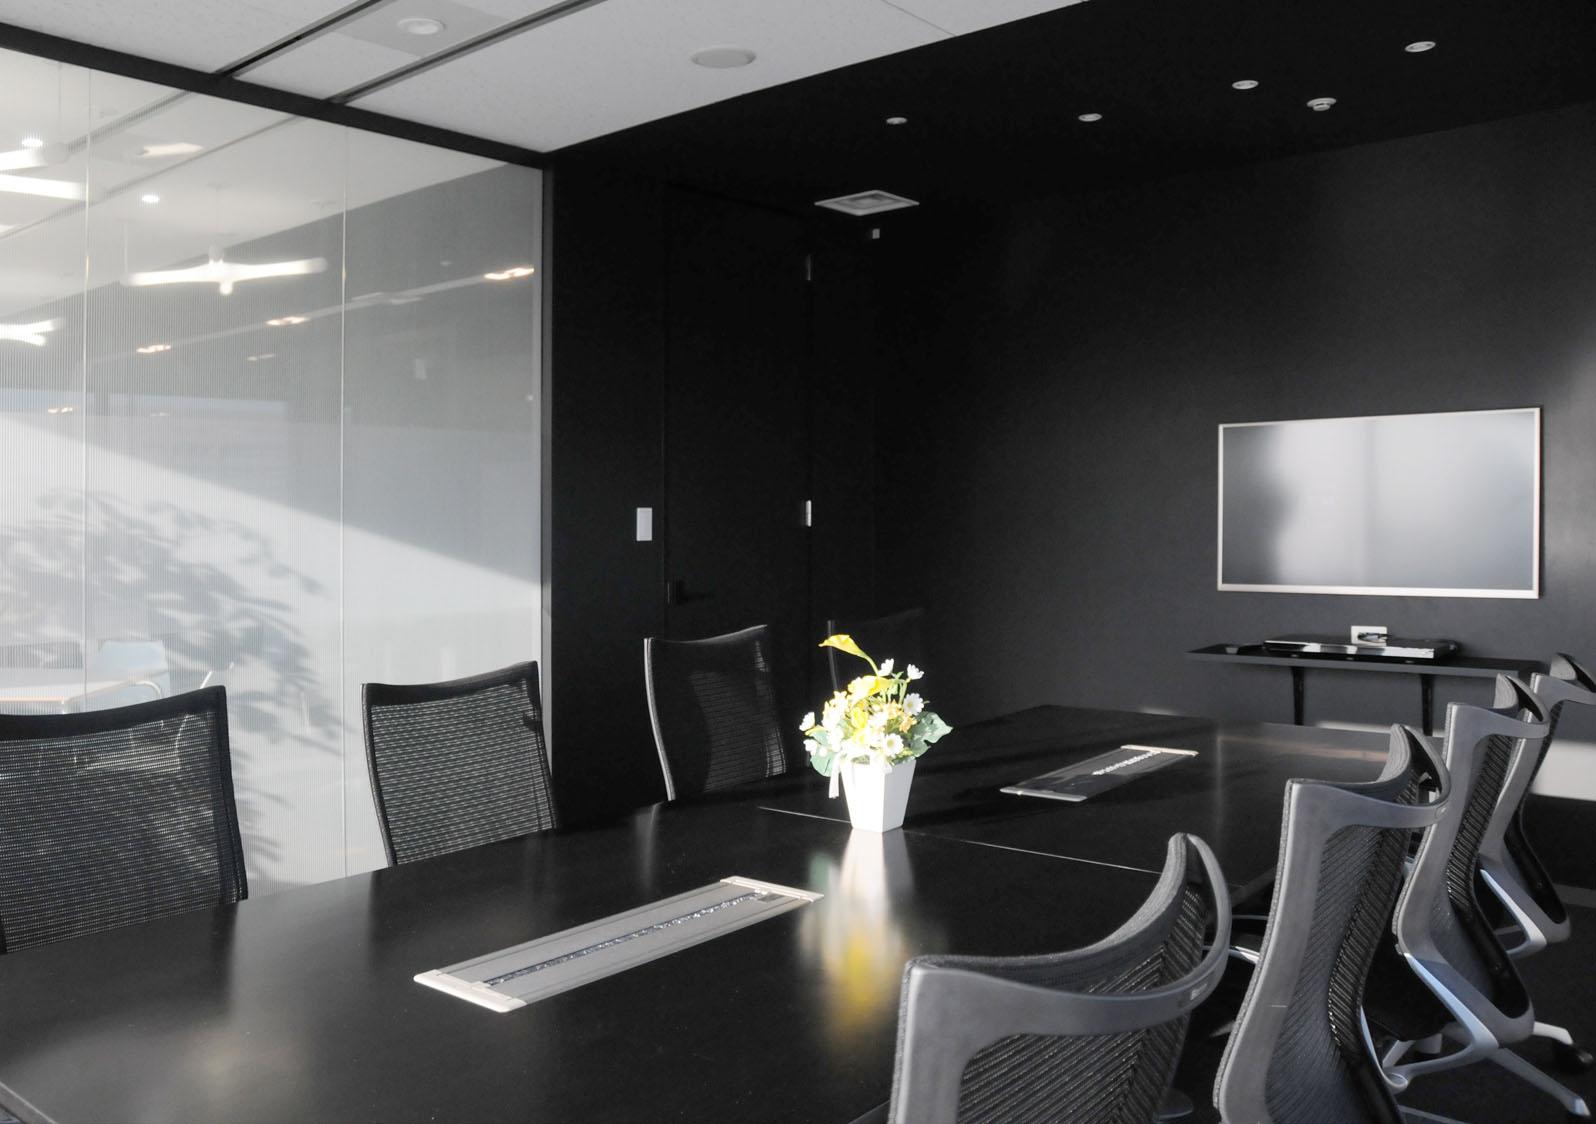 06株式会社ビジュアル・プロセッシング・ジャパン Tokyo Head Office